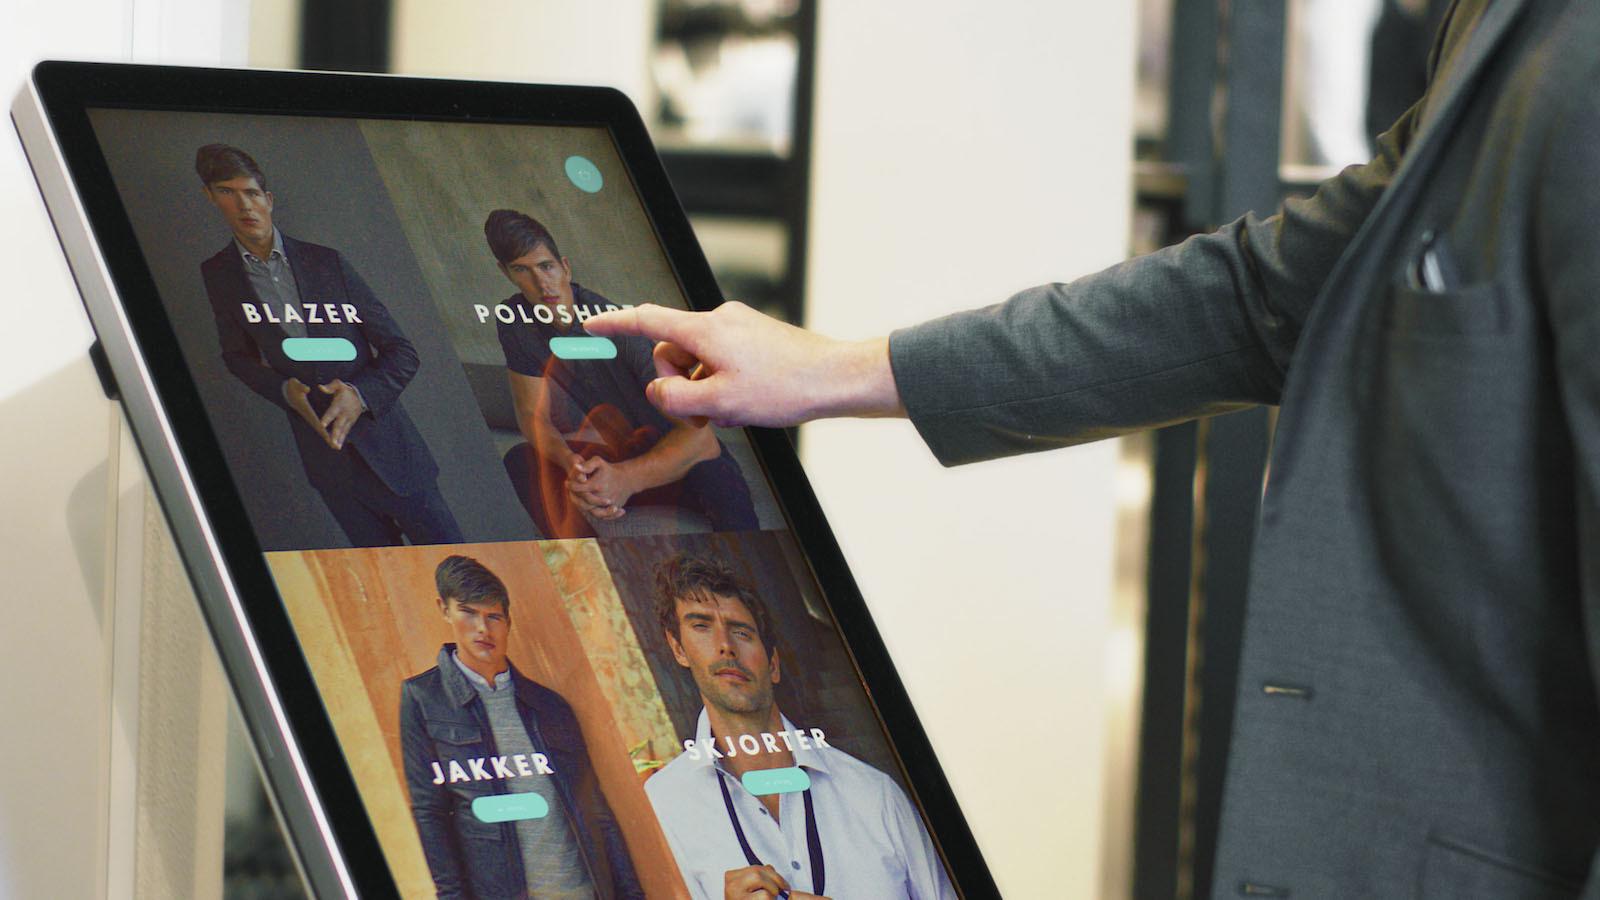 Webshop flytter ind i 80 butikker - Bureaubiz